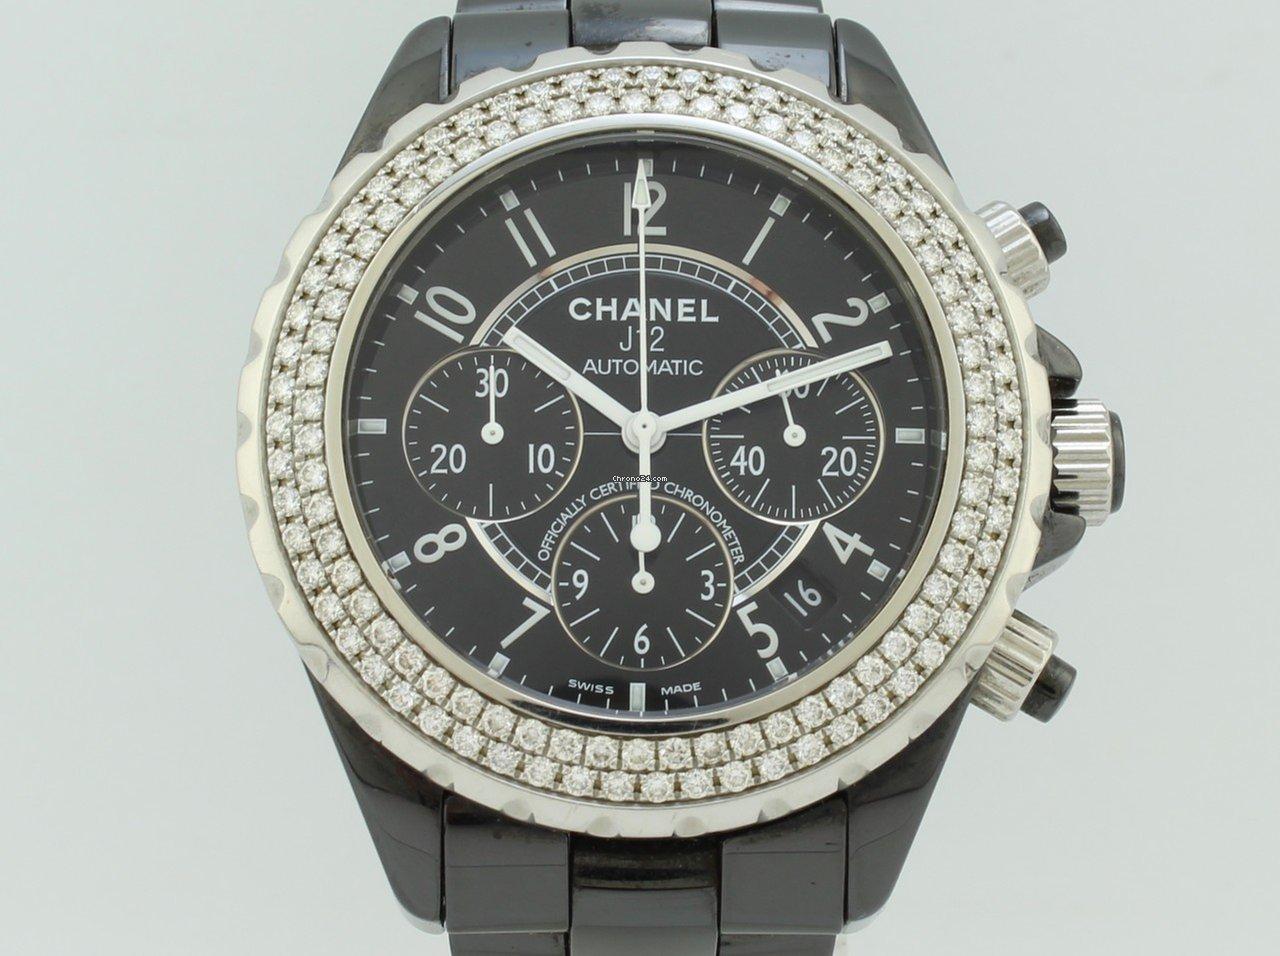 9b311a78c3fe Relojes Chanel - Precios de todos los relojes Chanel en Chrono24